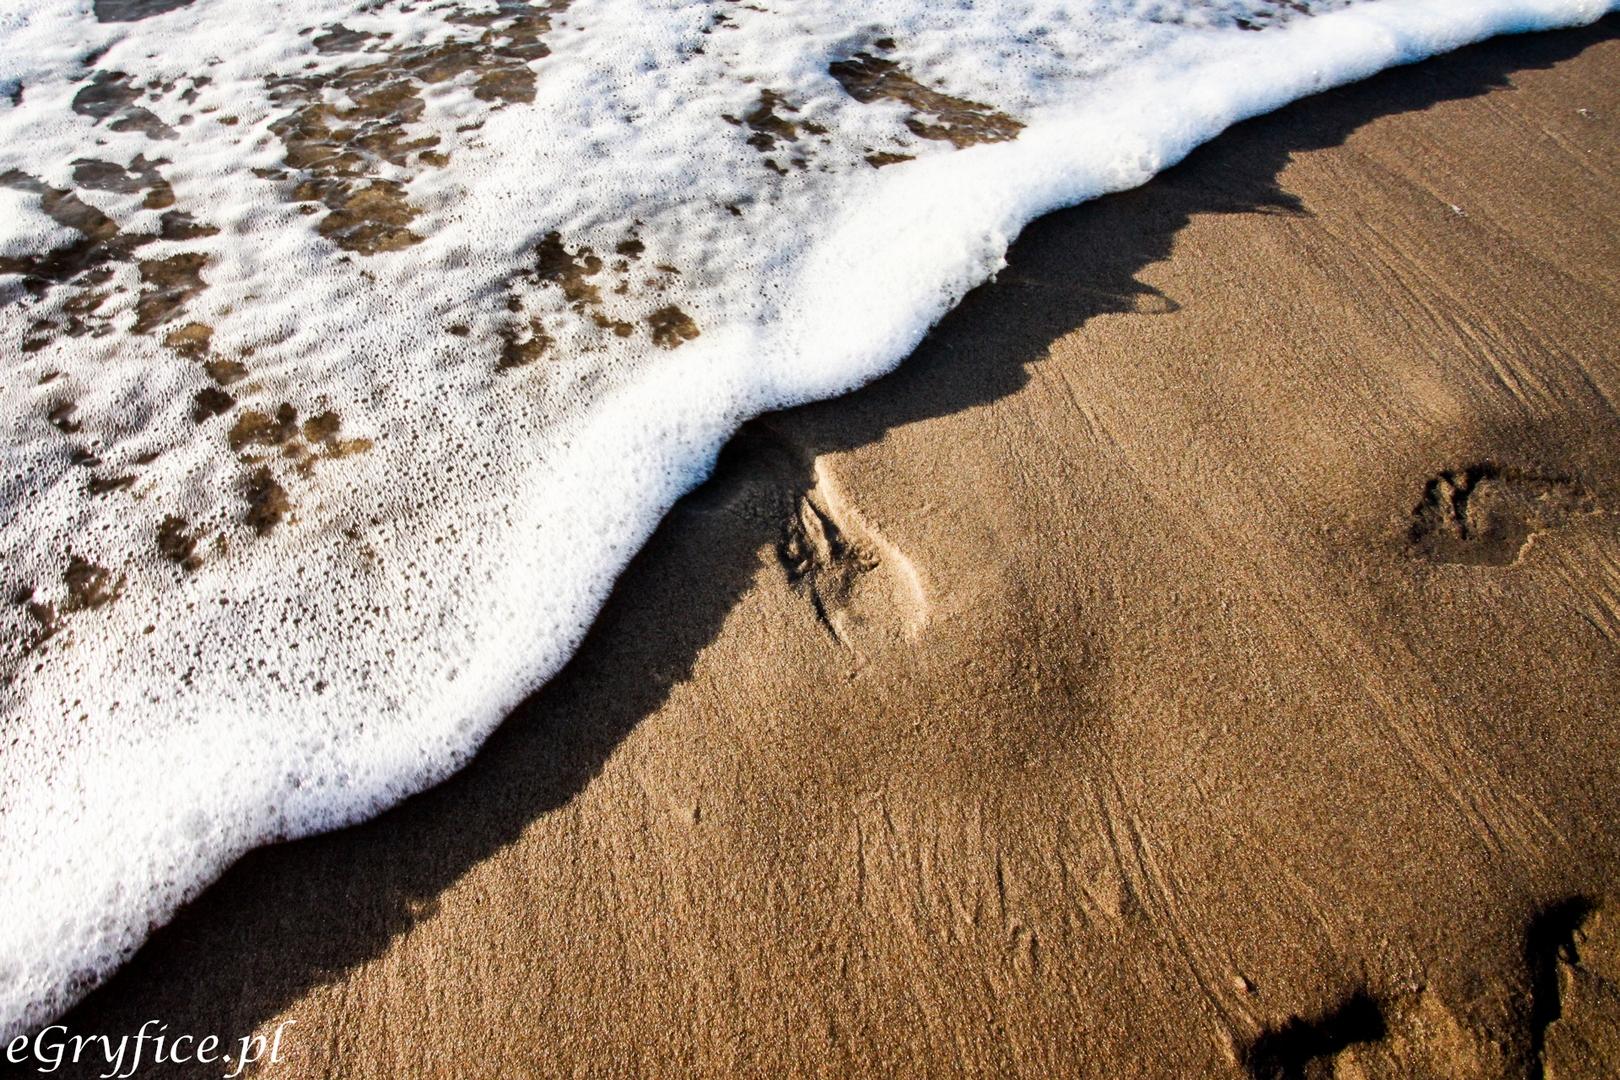 Piaszczyste zejście do morza na plaży w Rewalu to również znak firmowy wielu polskich plaż. To jeden z powodów, dla których ludzie wybierają wczasy nad Bałtykiem i szukają tanich pokoi i kwater w pensjonatach.